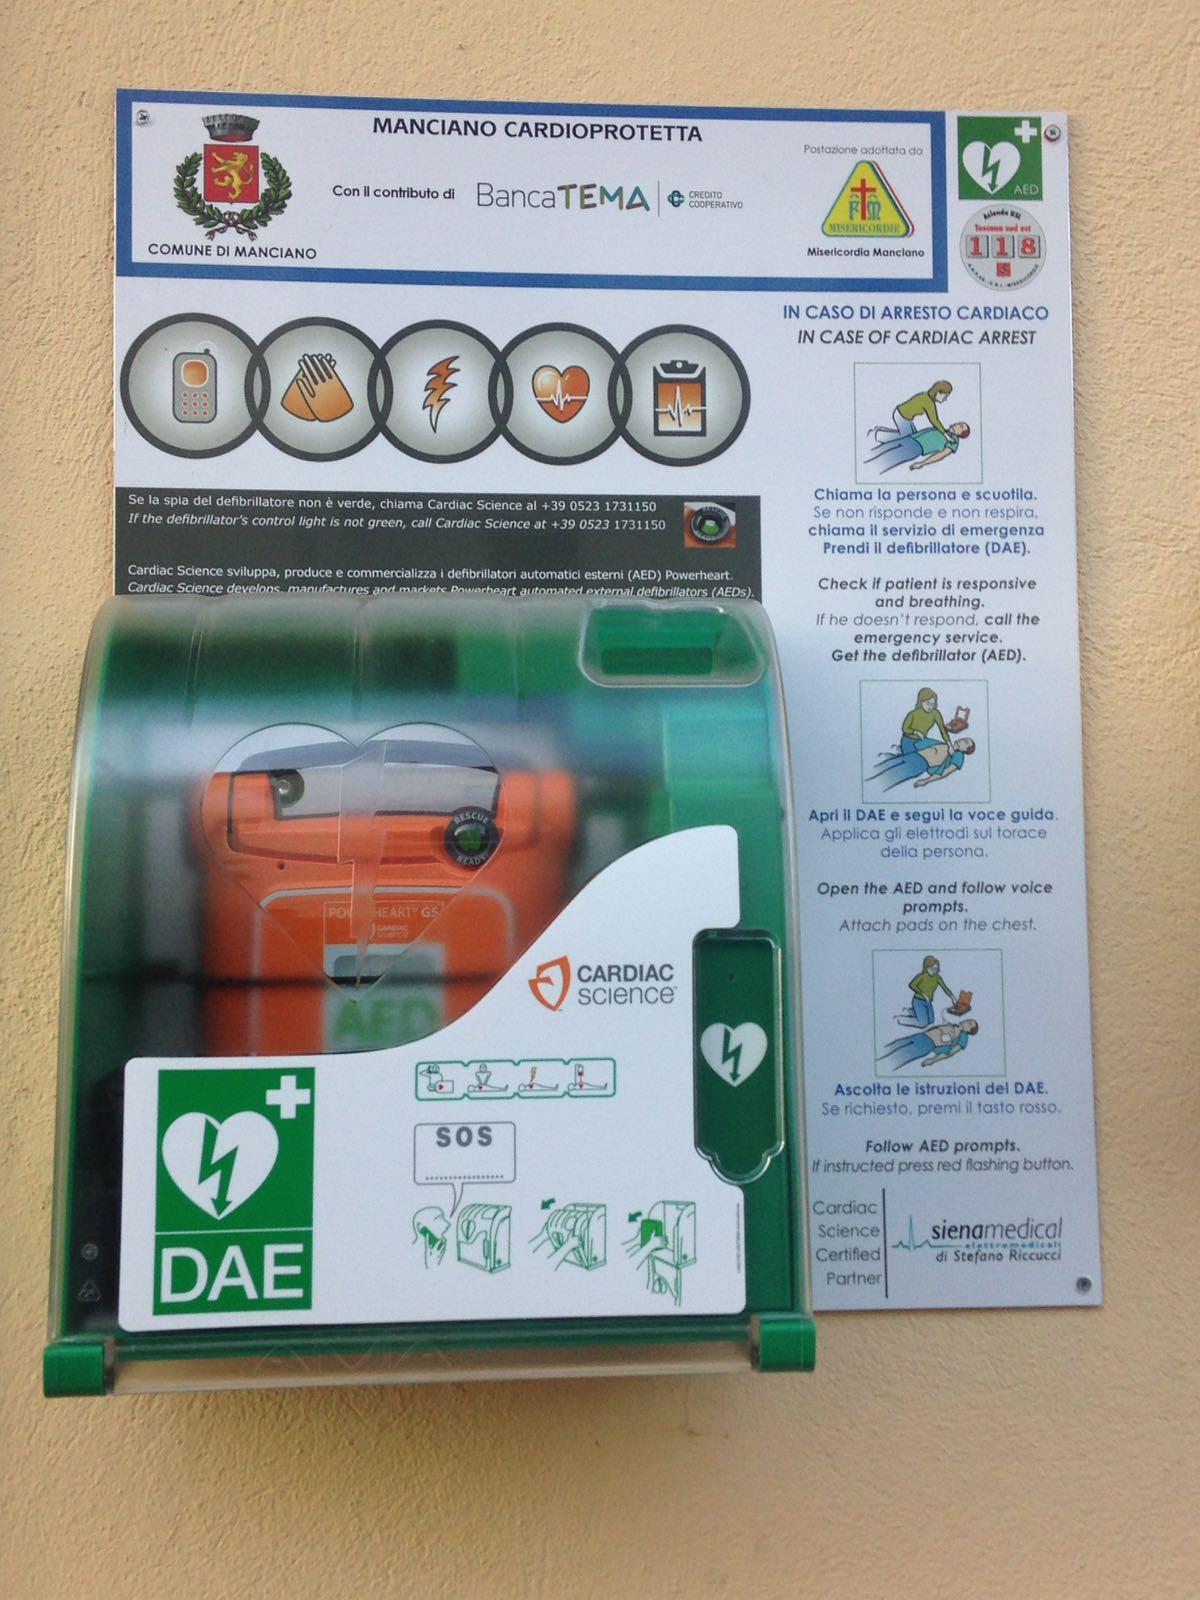 Defibrillatore Dettaglio